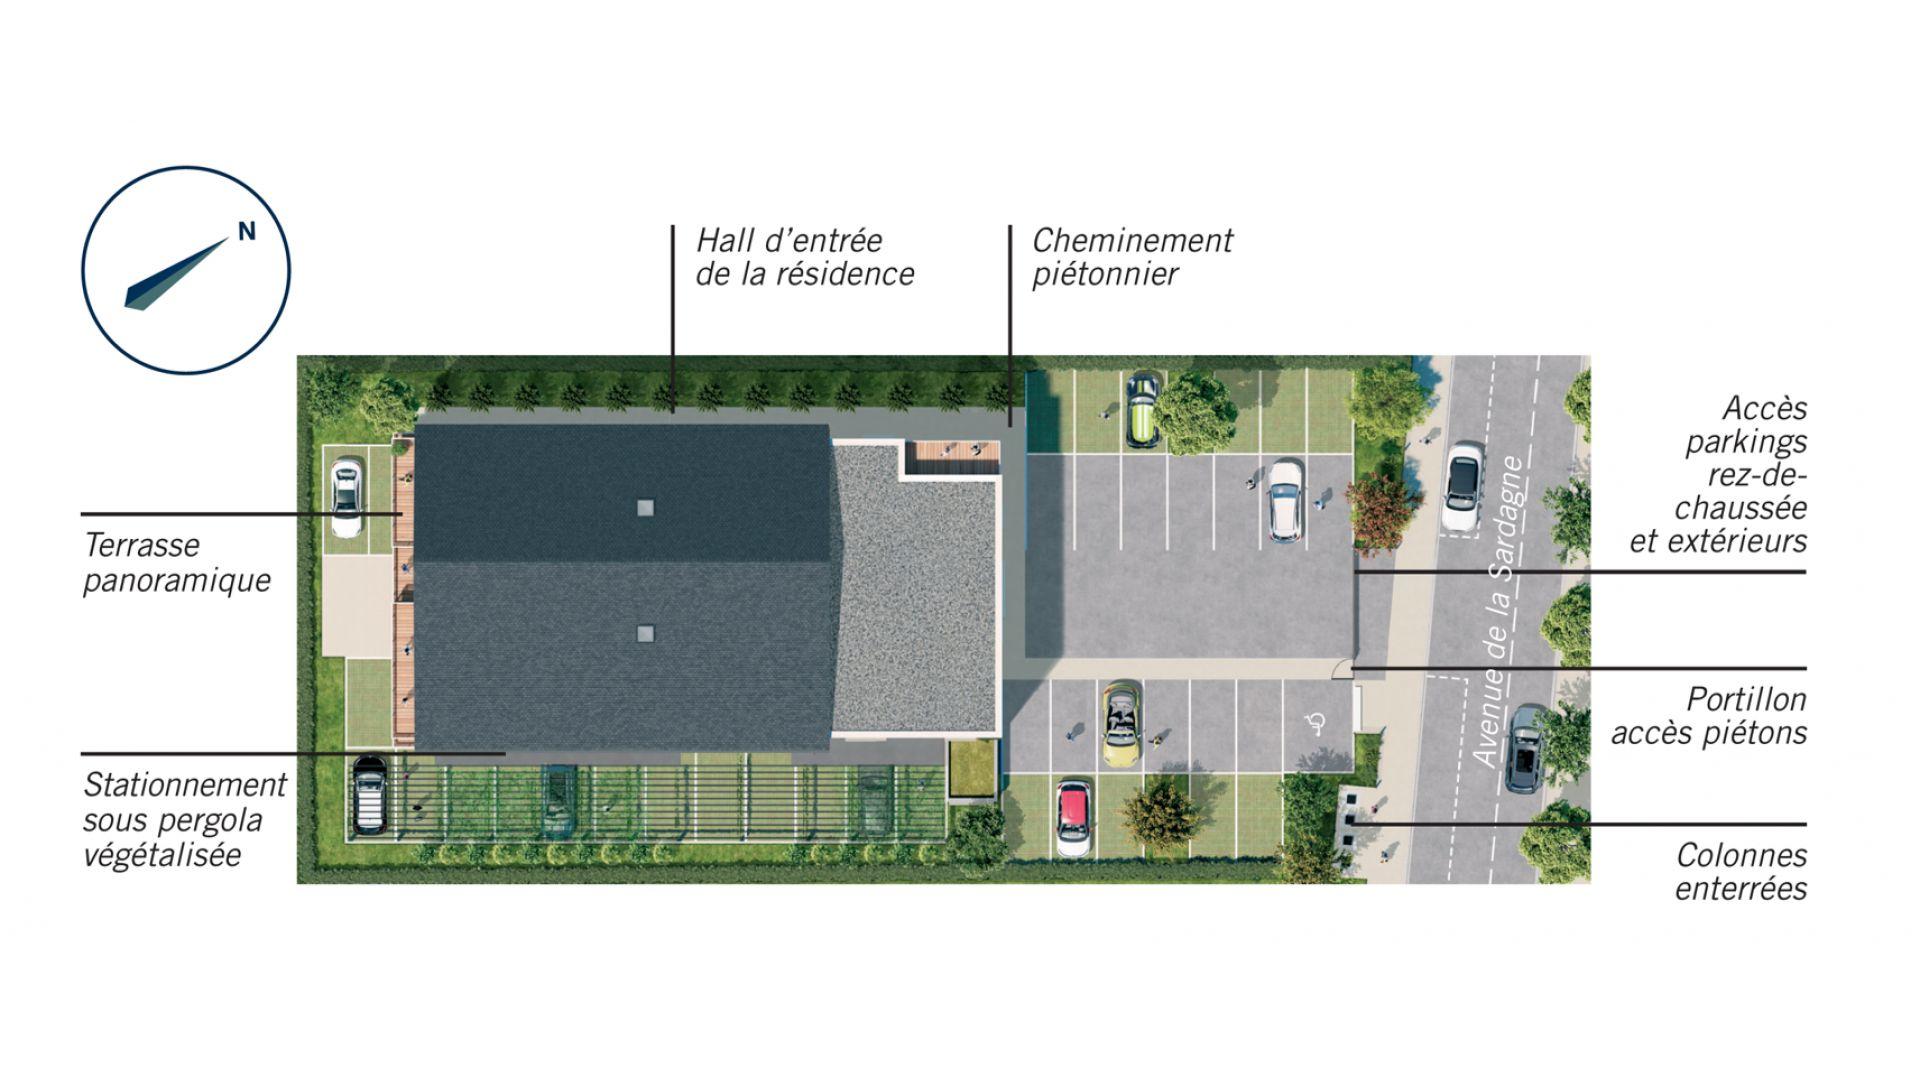 Greencity Immobilier - Résidence Le Saphir - 74300 Cluses - appartements neufs a vendre du T2 au T4 - plan de masse